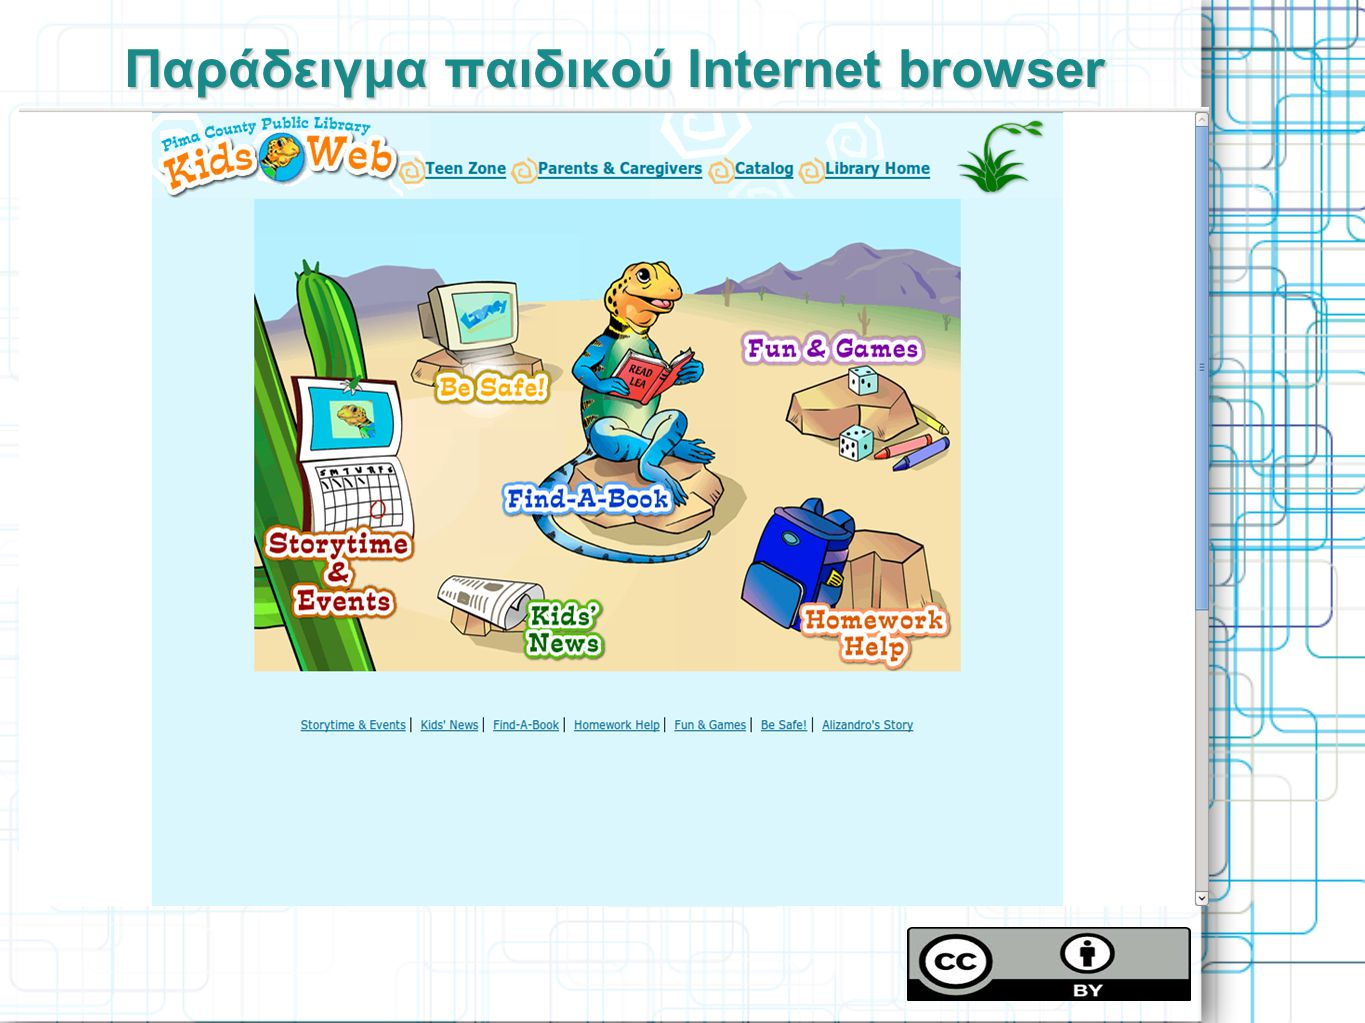 Παράδειγμα παιδικού Internet browser